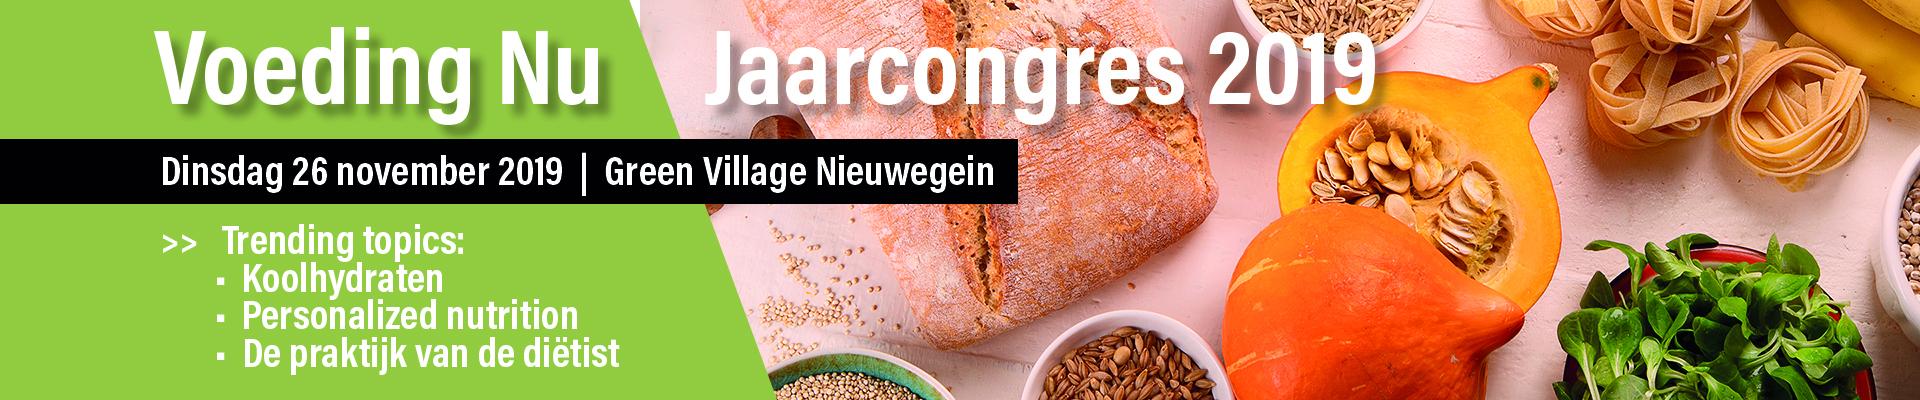 Voeding Nu Jaarcongres 2019